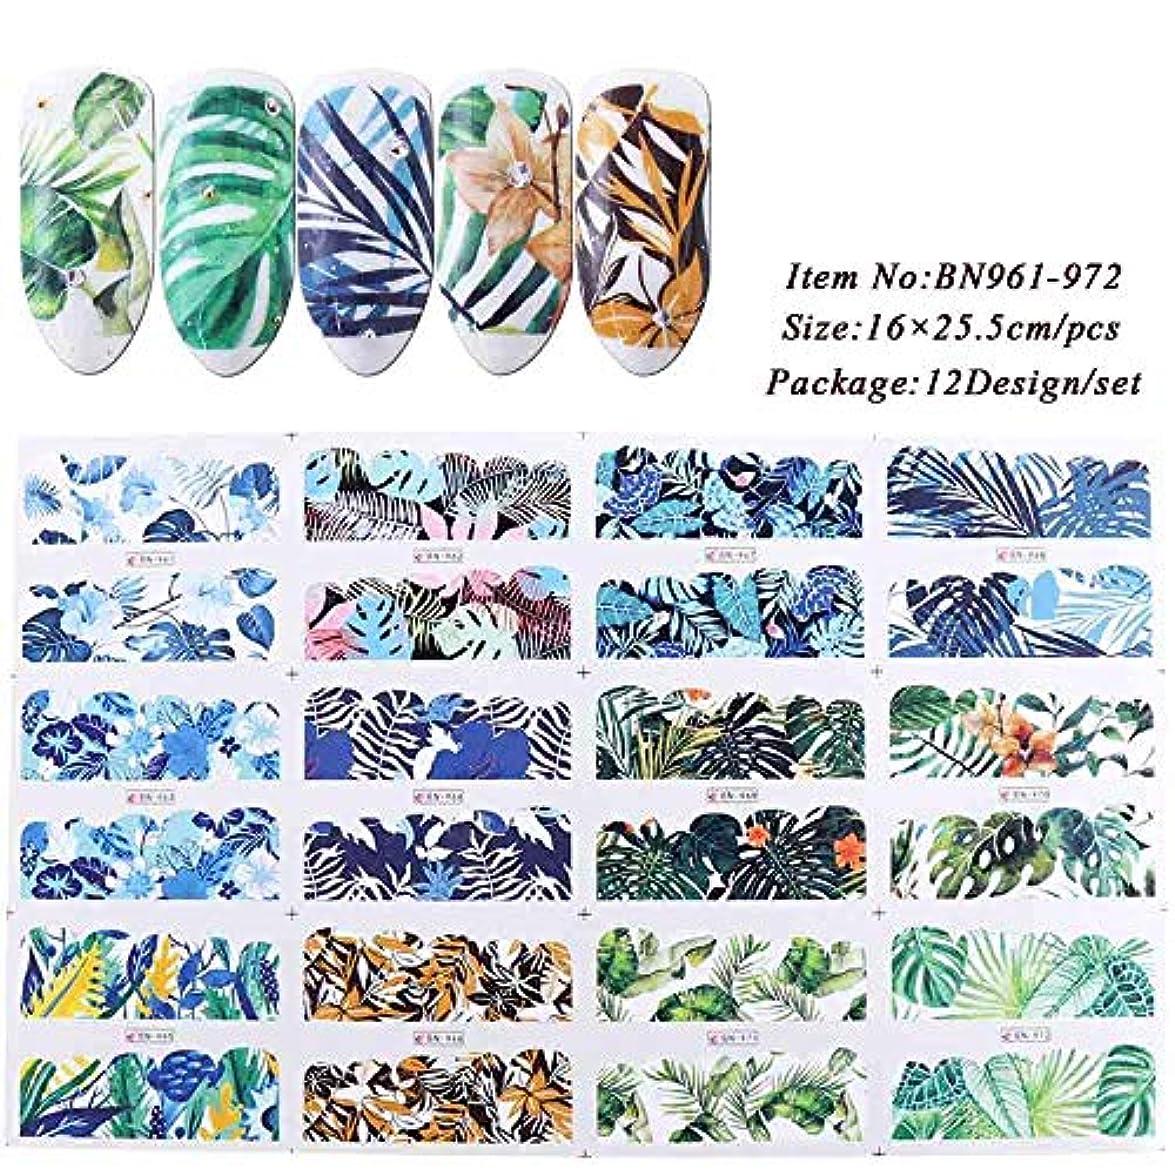 マイルドお手伝いさん暖かさSUKTI&XIAO ネイルステッカー 12ピースフラミンゴマニキュアステッカー水デカール花熱帯ジャングルスライダーマニキュアタトゥー装飾、Bn961-972